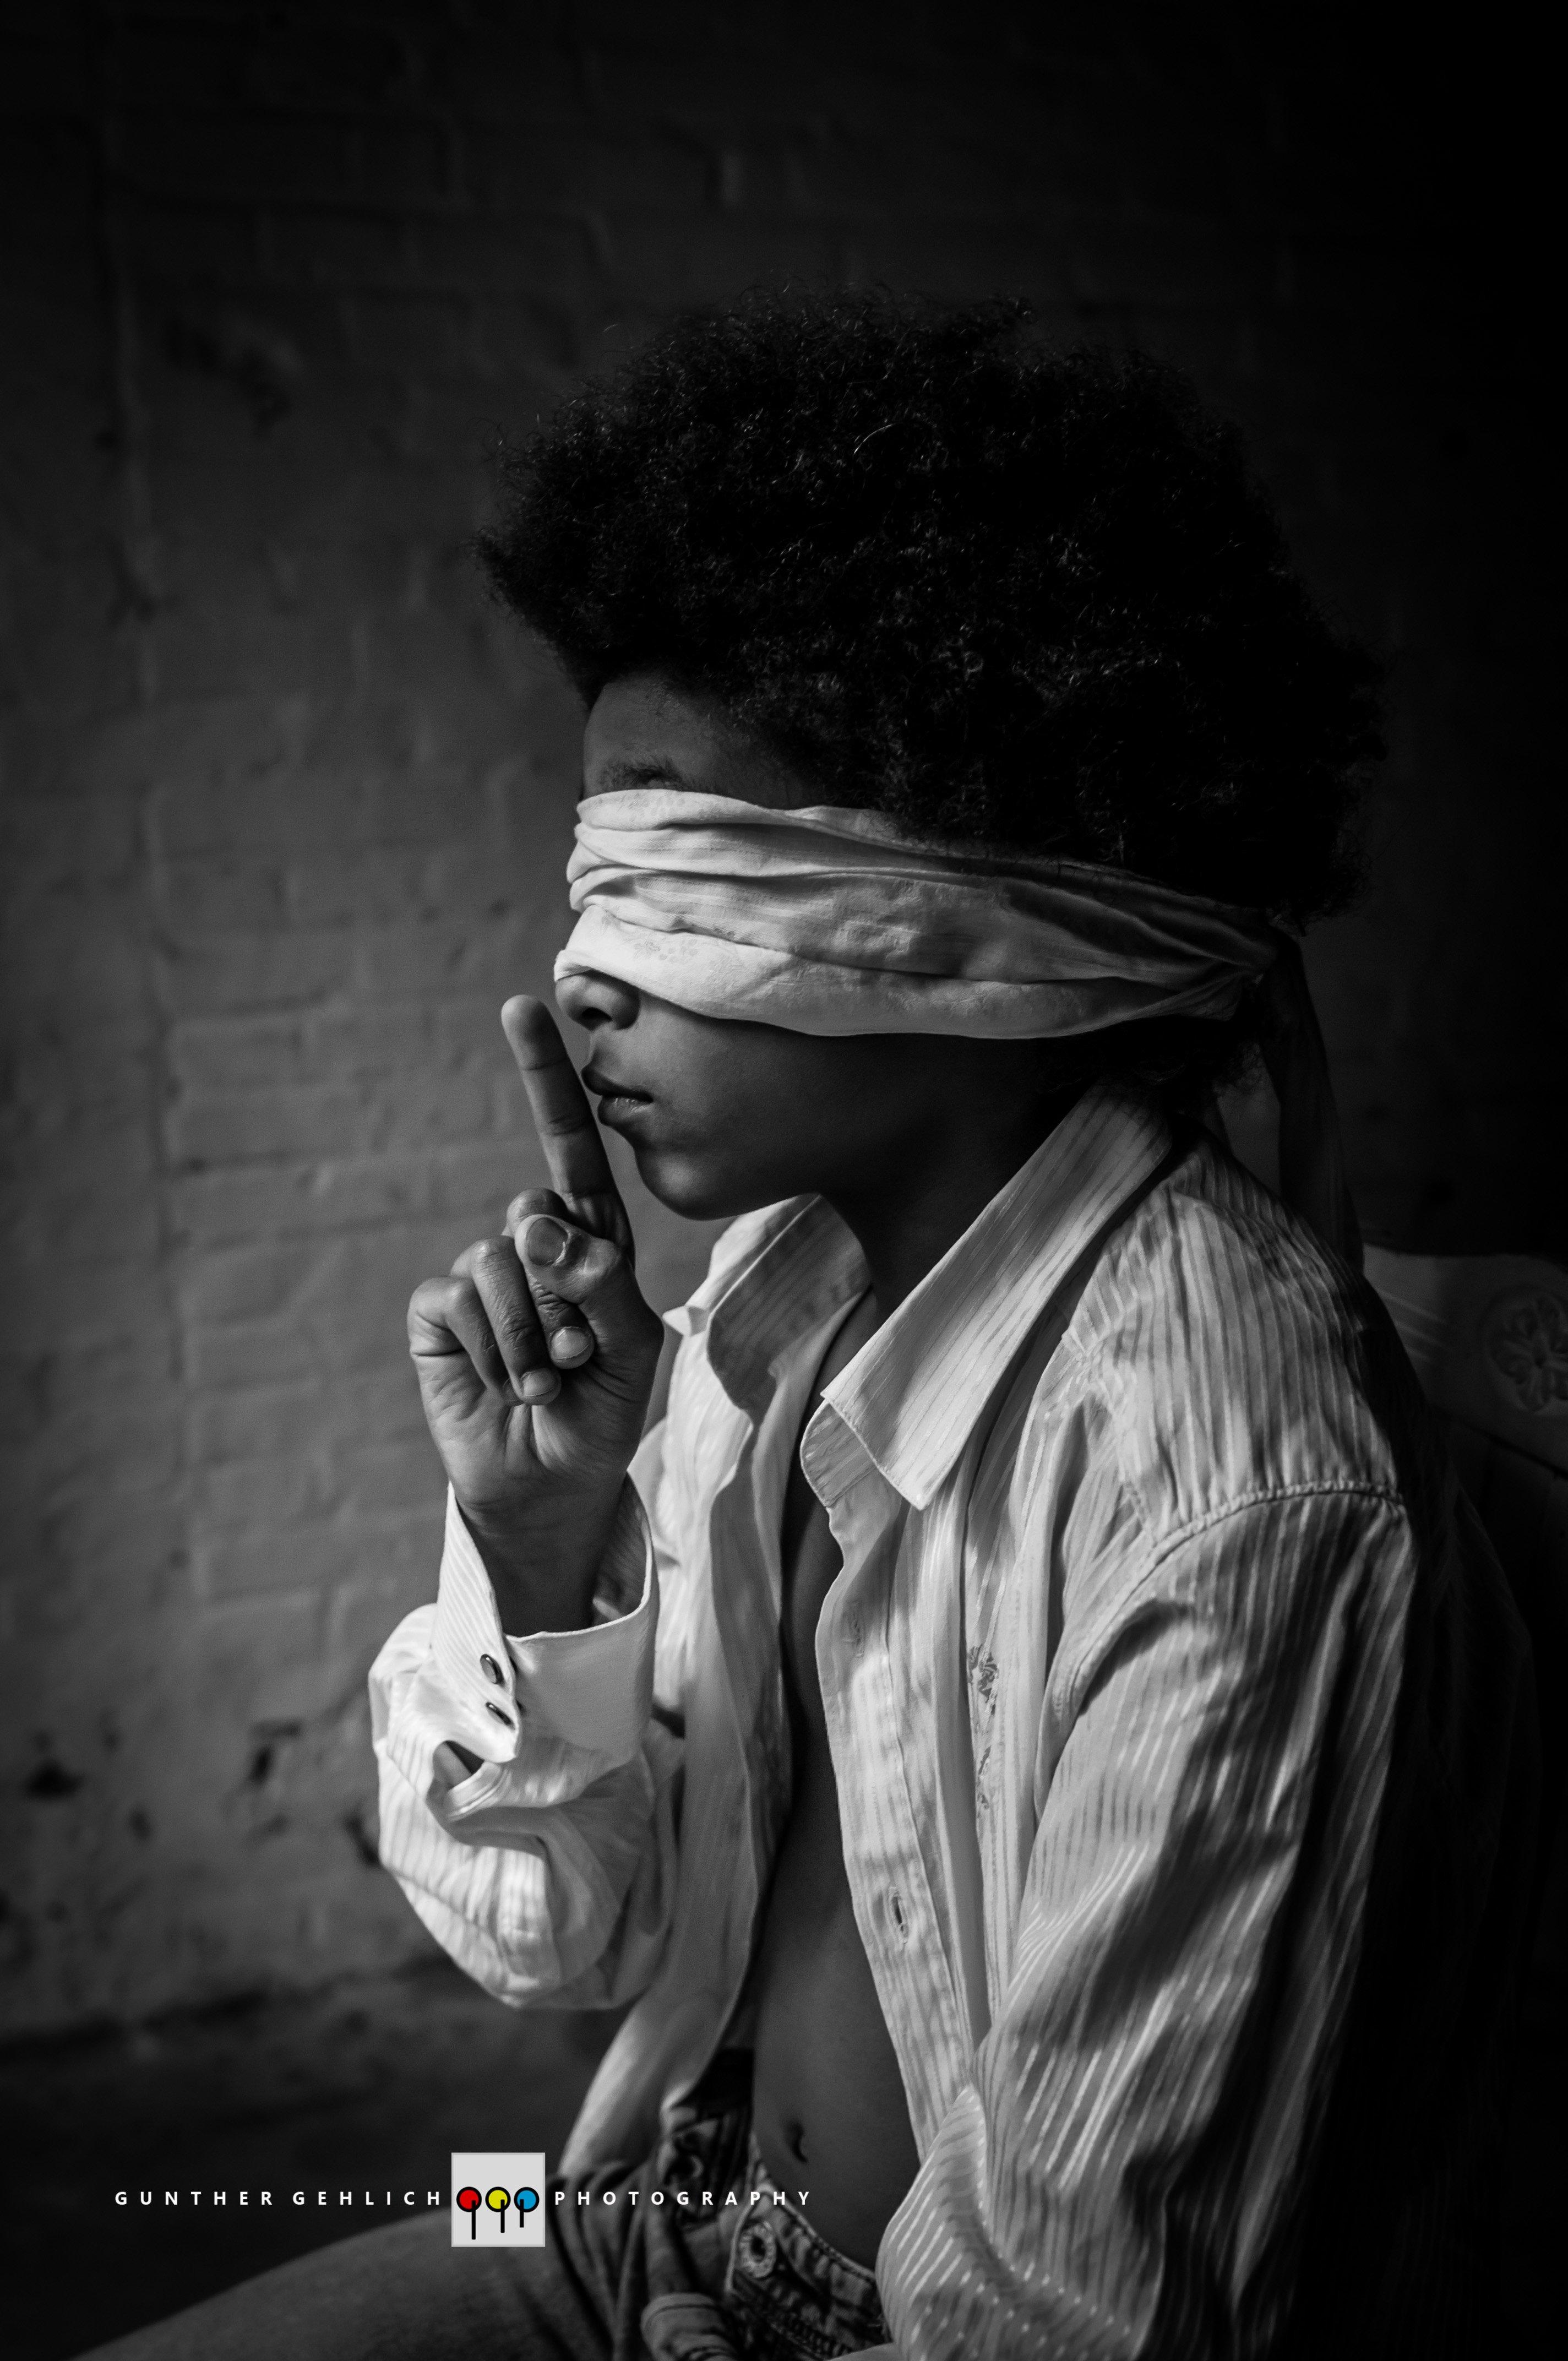 children, portrait, fine art, conceptual, black and white, Gunther Gehlich